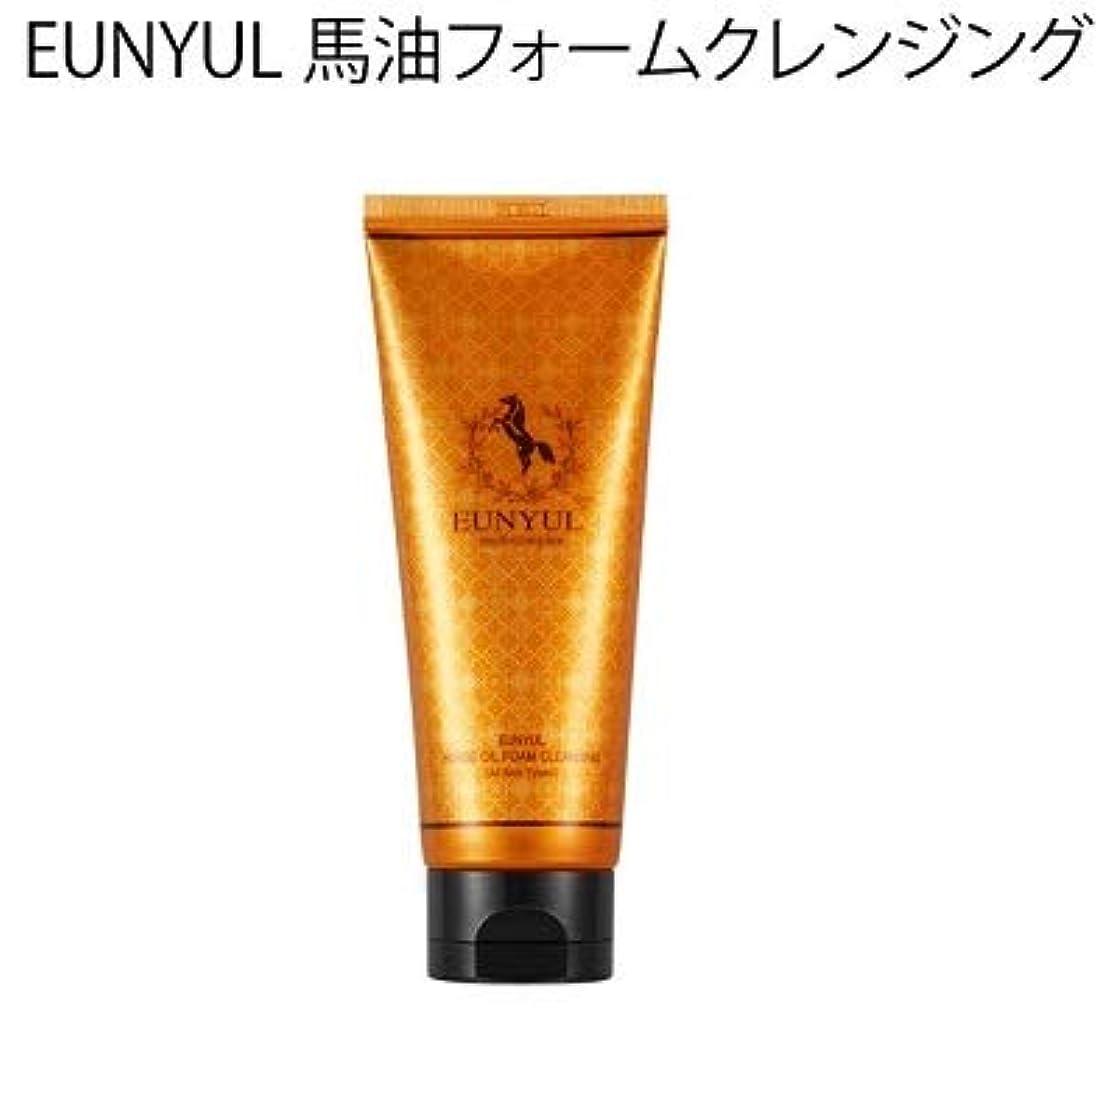 惑星性能酔う韓国 EUNYUL 馬油フォームクレンジング 洗顔フォーム(150ml)